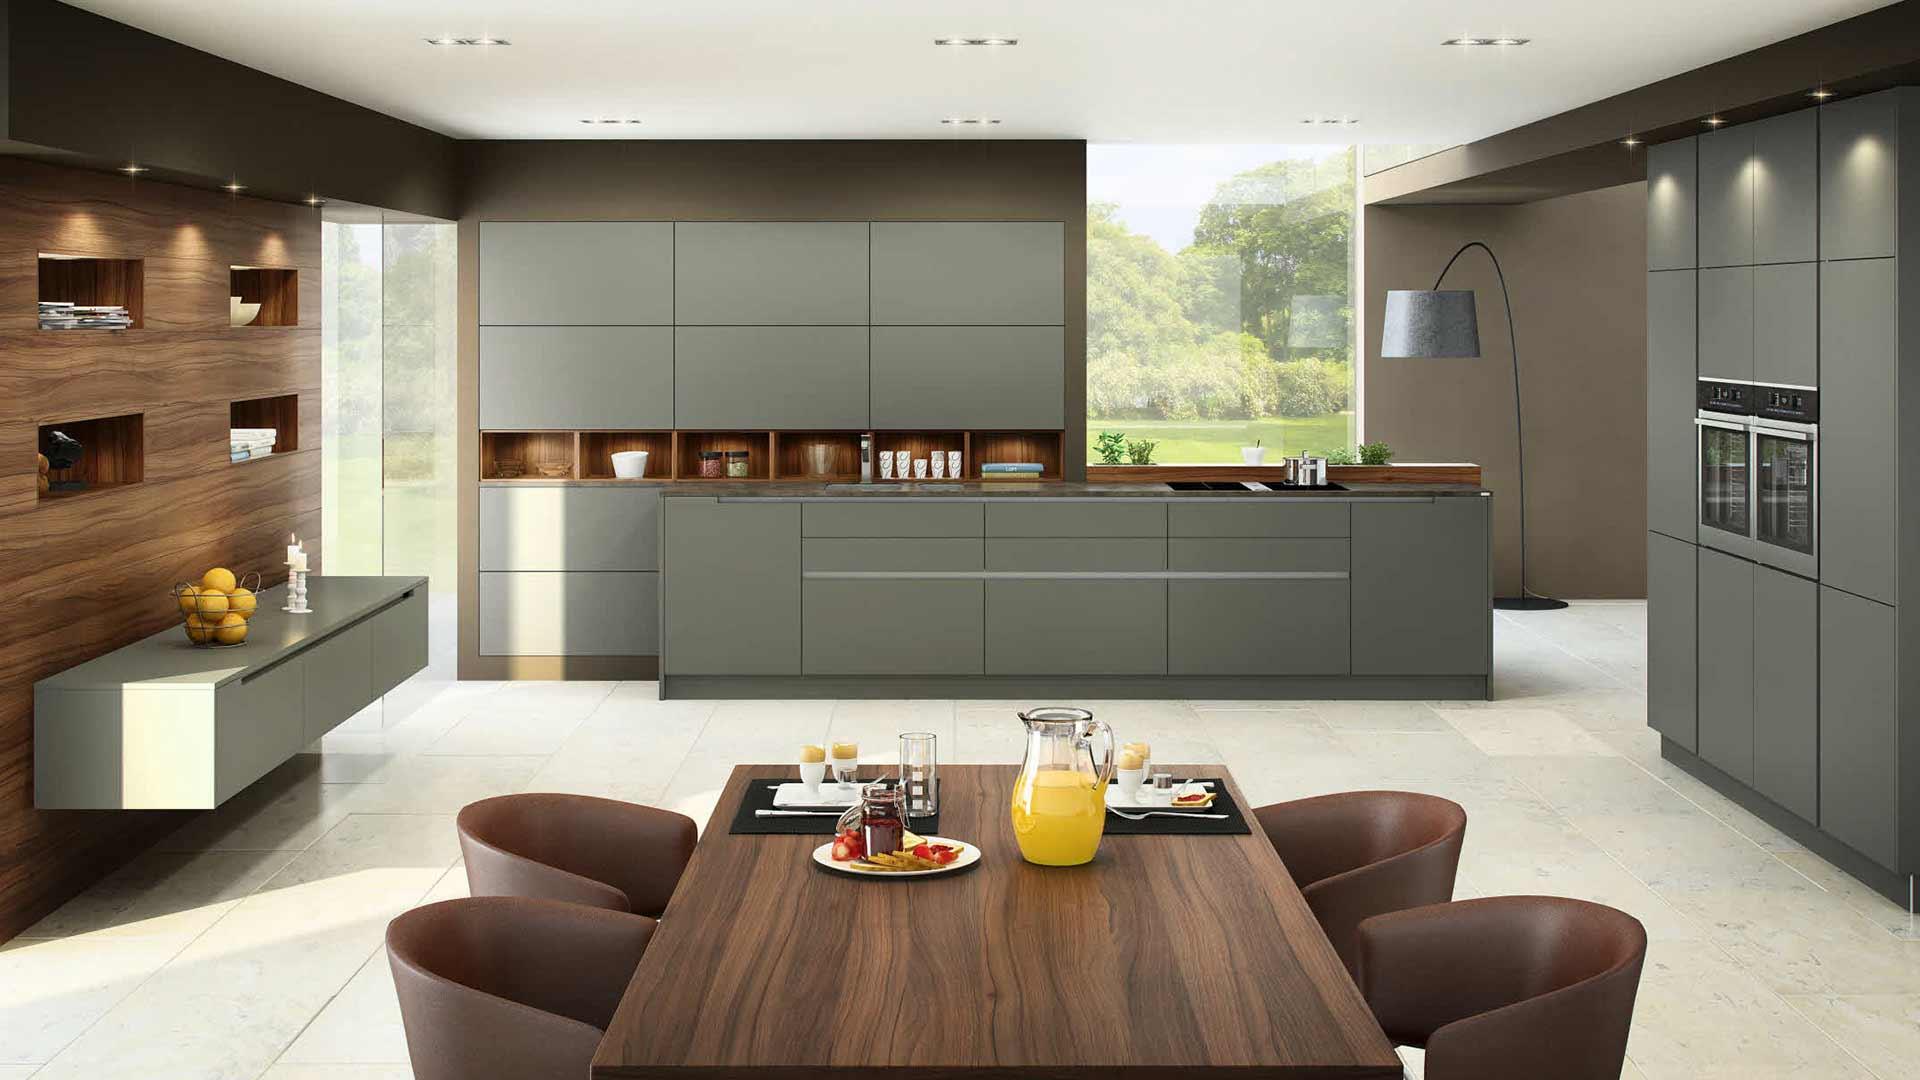 mbel regensburg awesome aktuelles zu design mbel kchen in. Black Bedroom Furniture Sets. Home Design Ideas